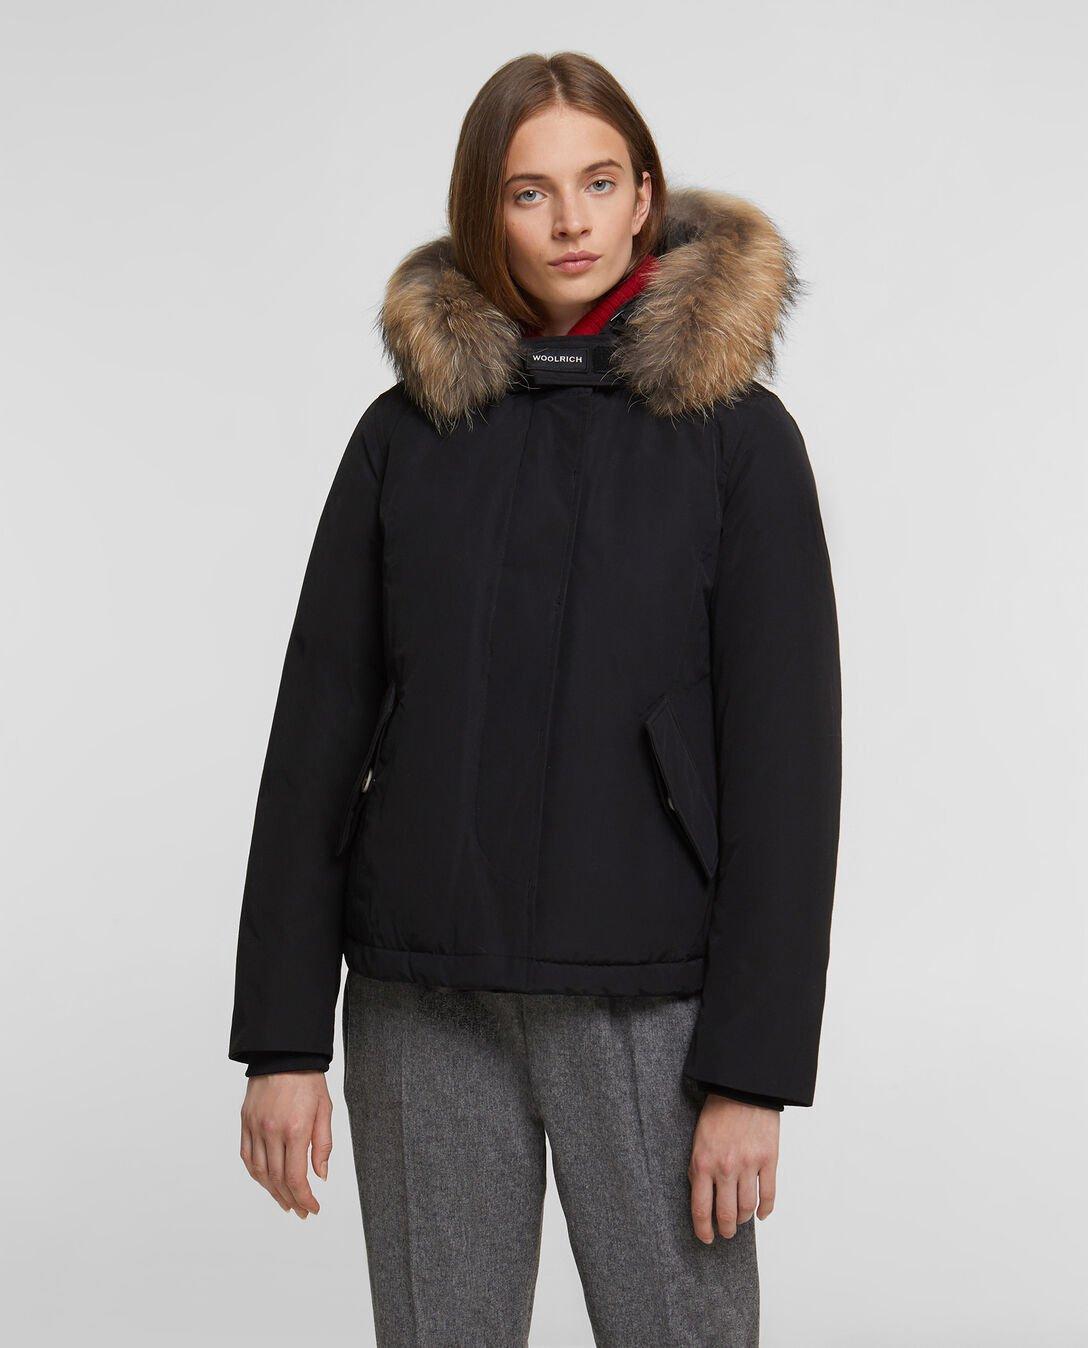 Arctic Parka Short Woolrich donna inverno 2019 2020 prezzo 680 euro colore nero 1